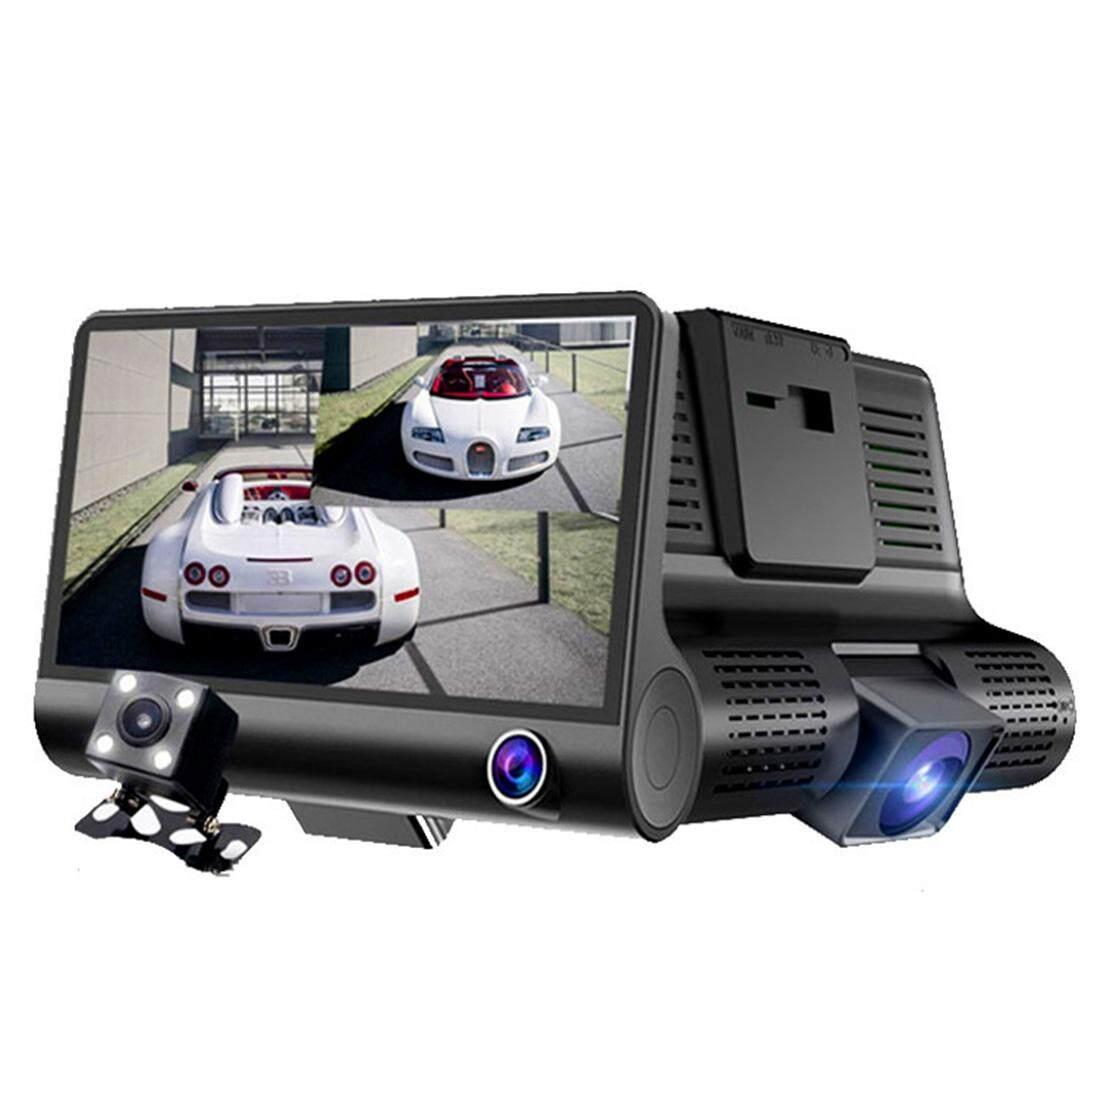 4.0 Inch IPS Layar 5.0 Mega Piksel 170 Derajat Sudut Lebar Full HD 1080 P 3 Eksklusif TV Video Mobil DVR, dukungan Modus Malam Lampu/Visual Membalikkan/TF Card (32 GB Max)/G-Sensor/Deteksi Gerakan